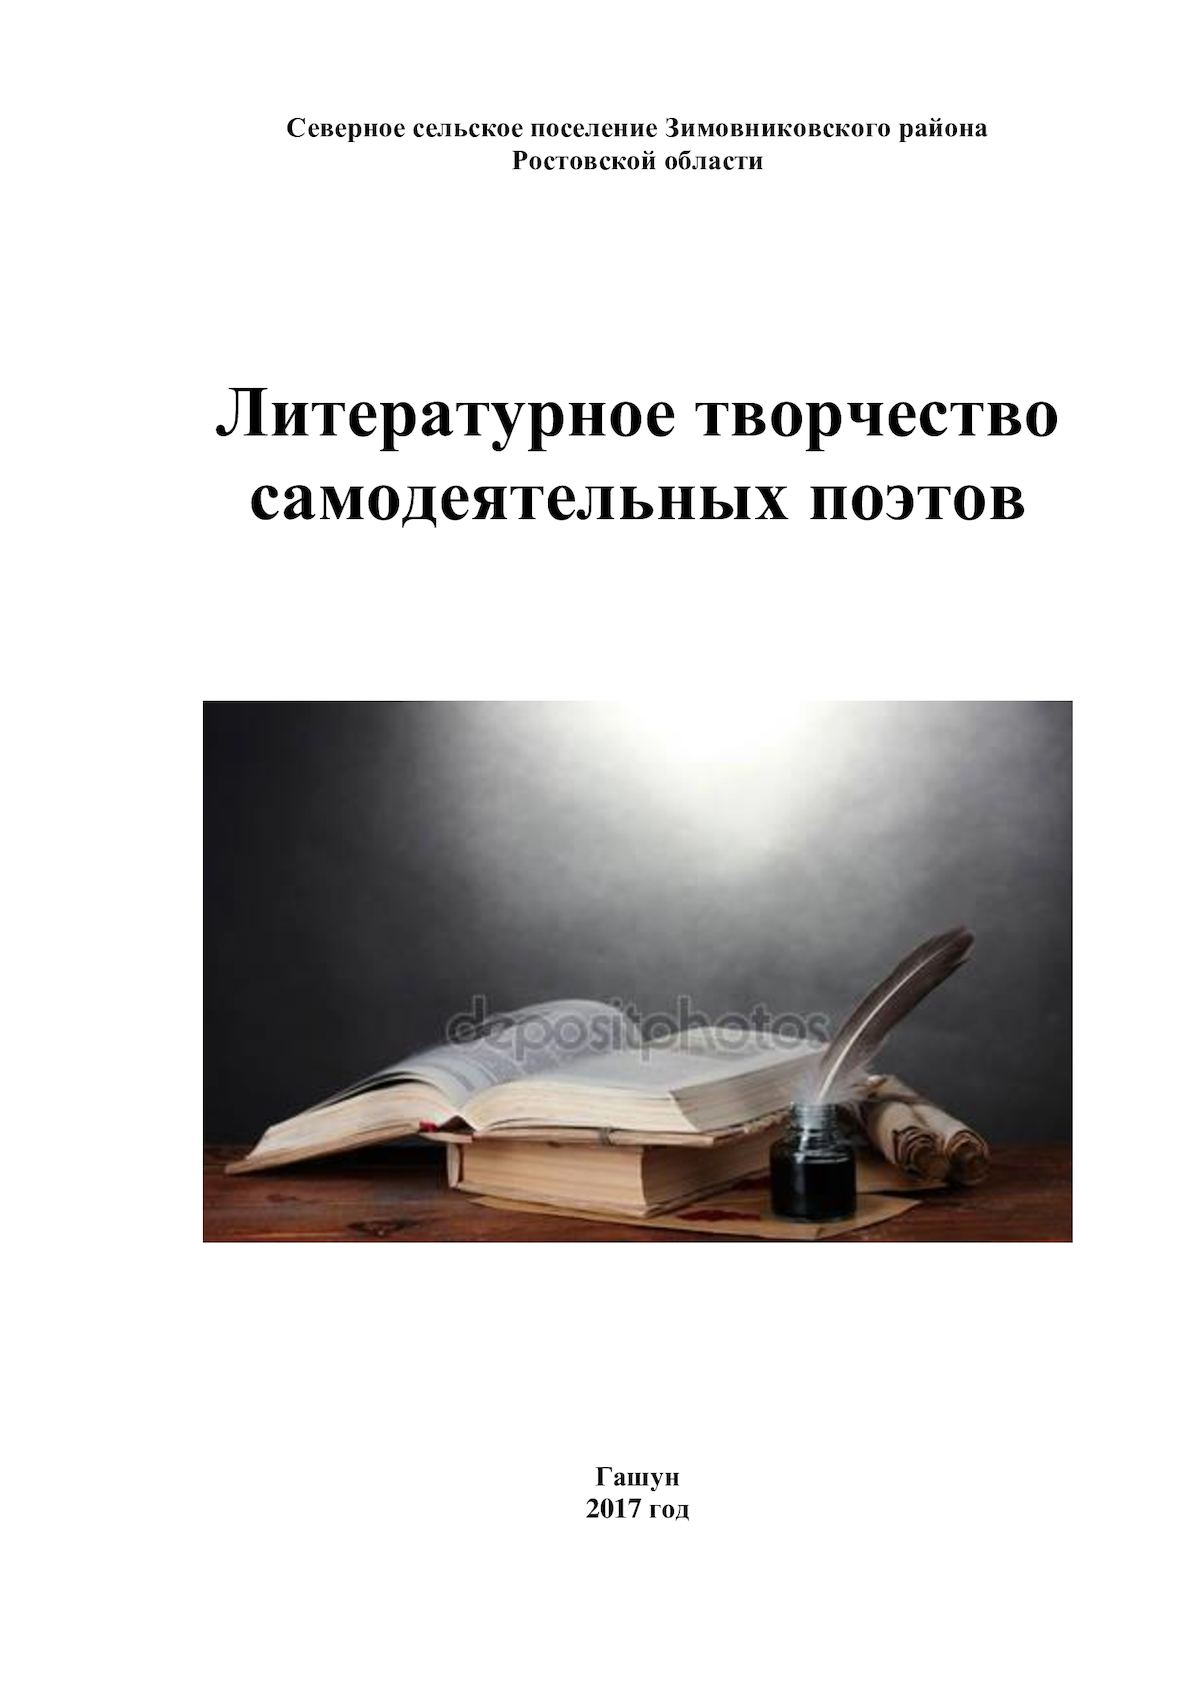 Шевченко С А Литературное творчество самодеятельных поэтов, 2017